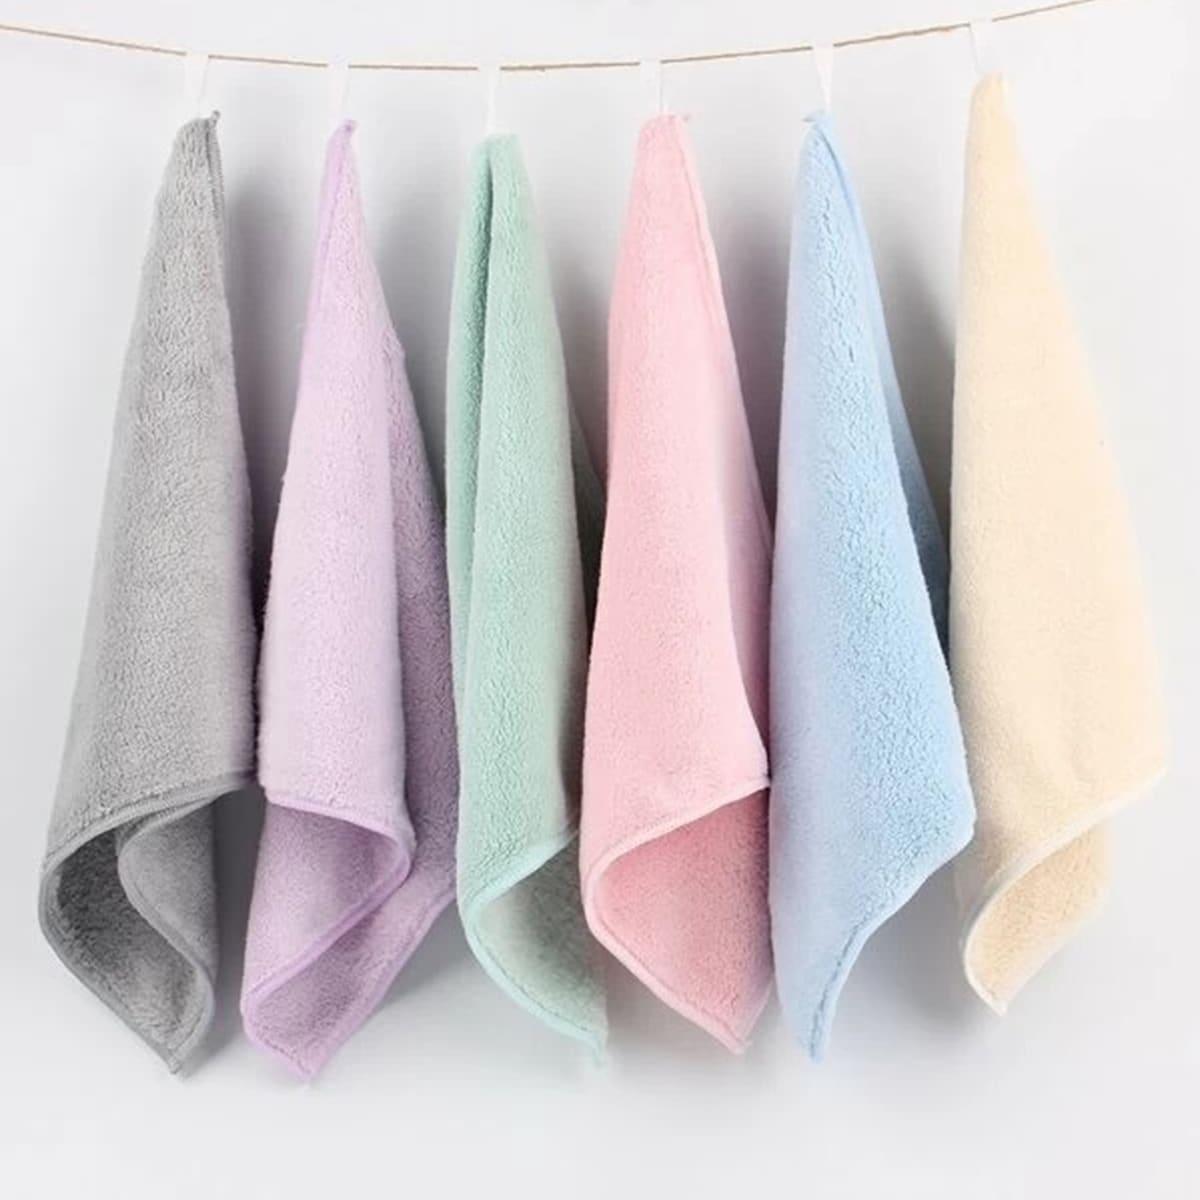 1шт абсорбирующее полотенце случайного цвета